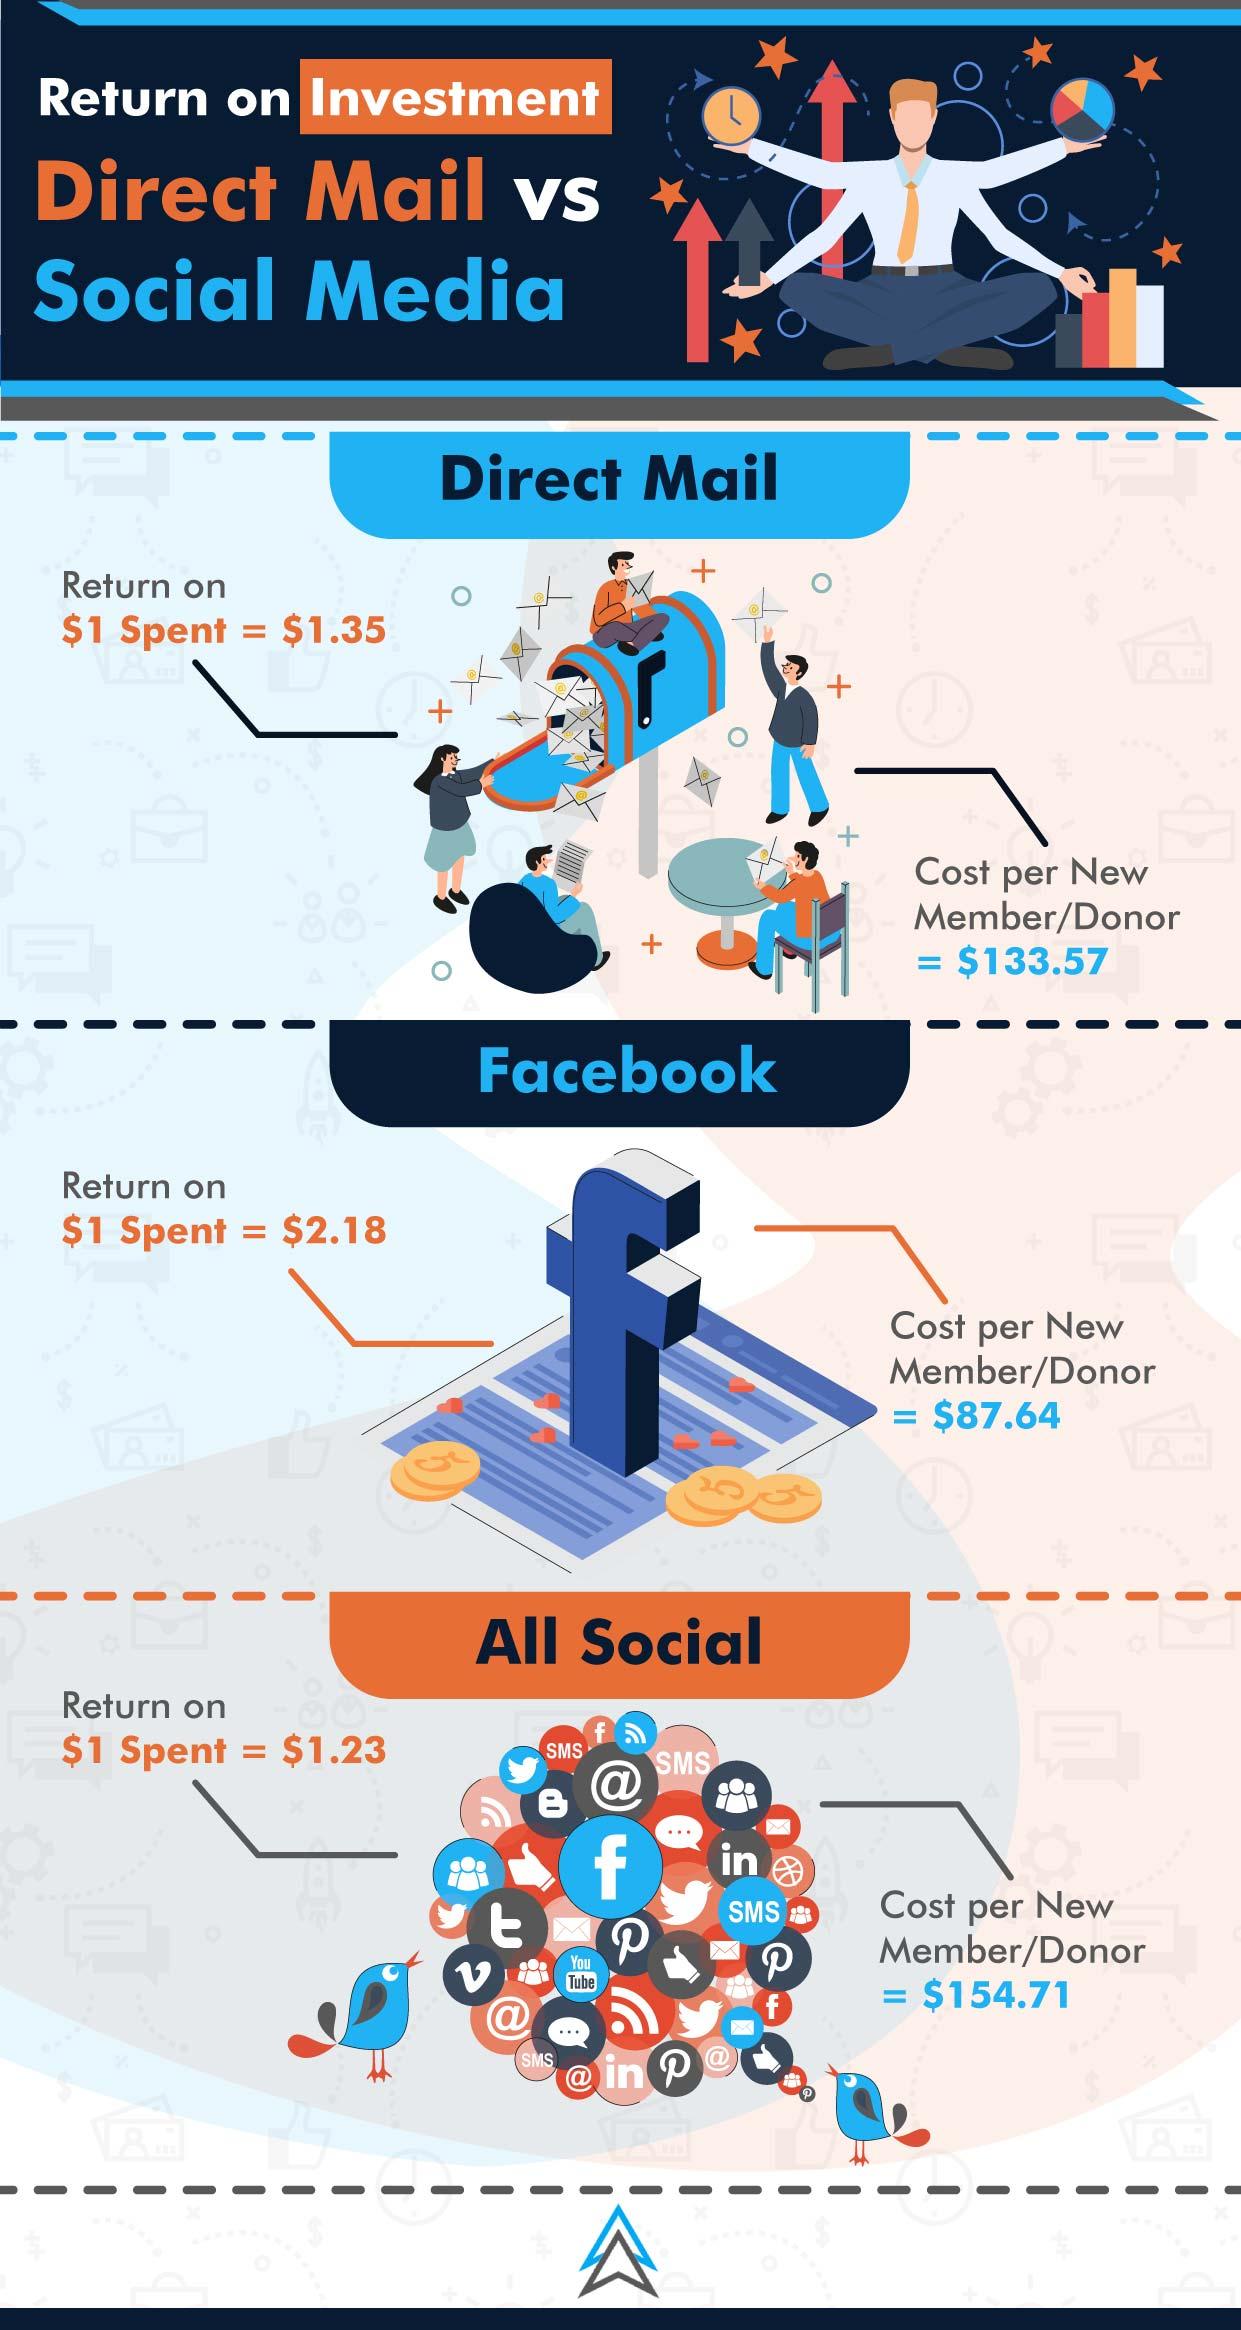 ROI on Social vs Direct Mail .jpg